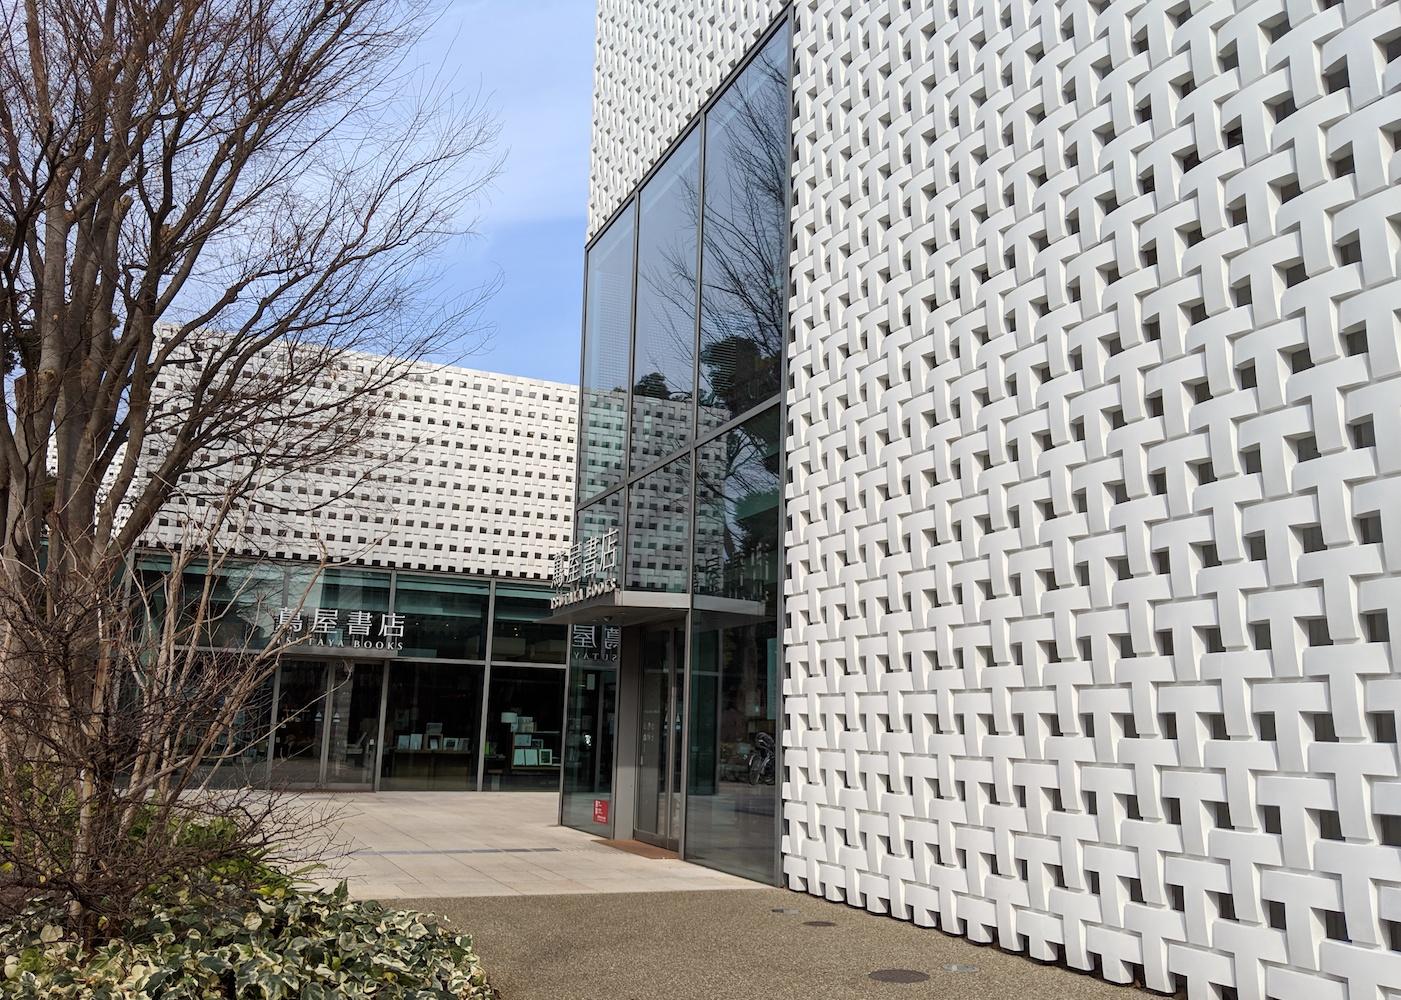 The world's most beautiful bookstore: the Tsutaya Books Daikanyama T-site near Ebisu Tokyo